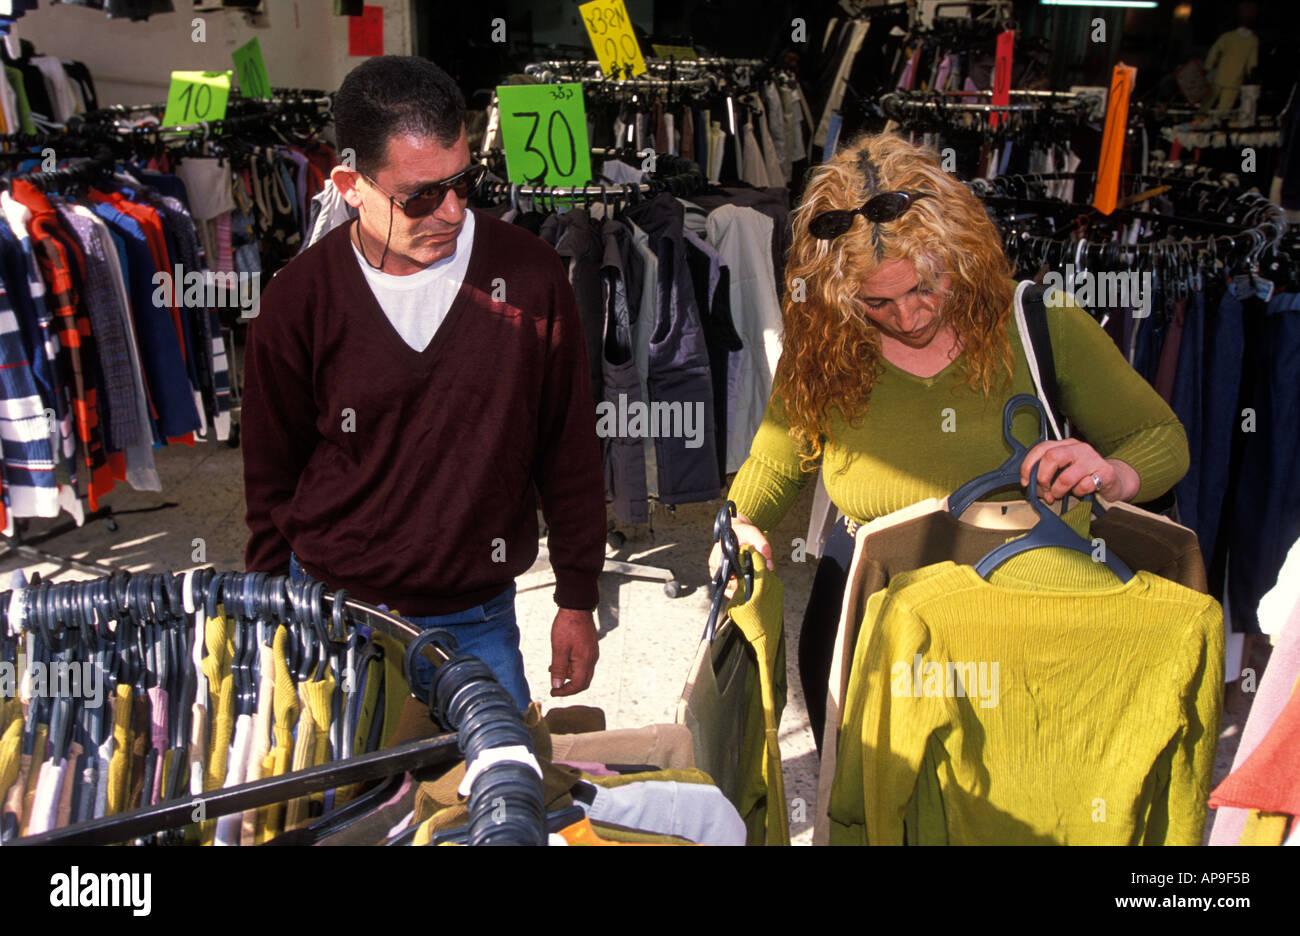 jüdische frau shopping für kleidung mit ihrem männlichen